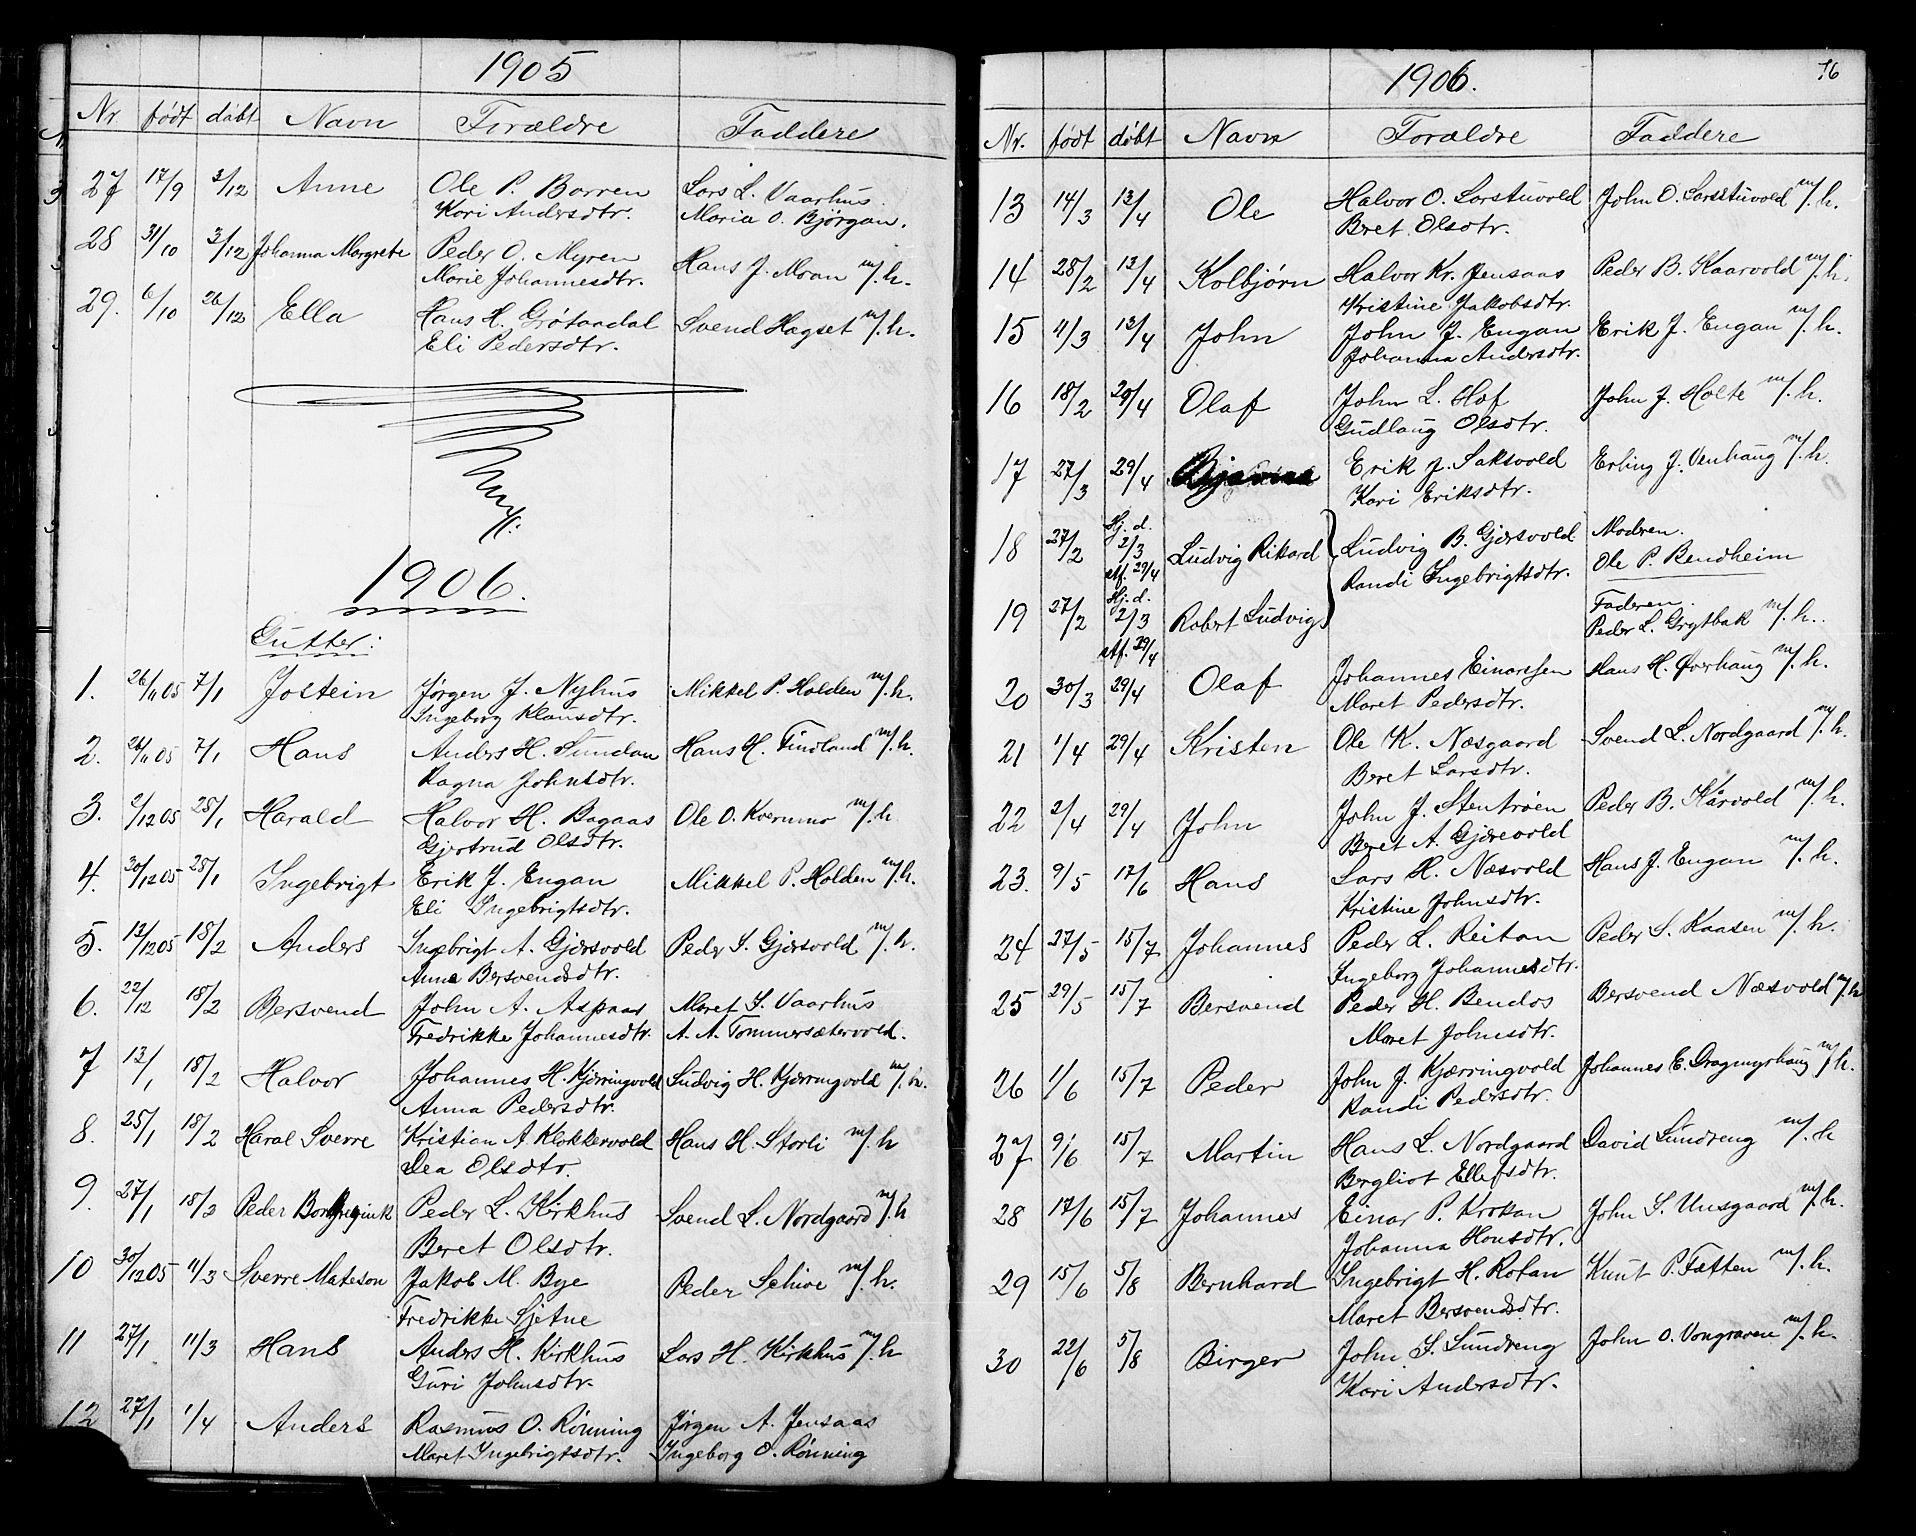 SAT, Ministerialprotokoller, klokkerbøker og fødselsregistre - Sør-Trøndelag, 686/L0985: Klokkerbok nr. 686C01, 1871-1933, s. 76